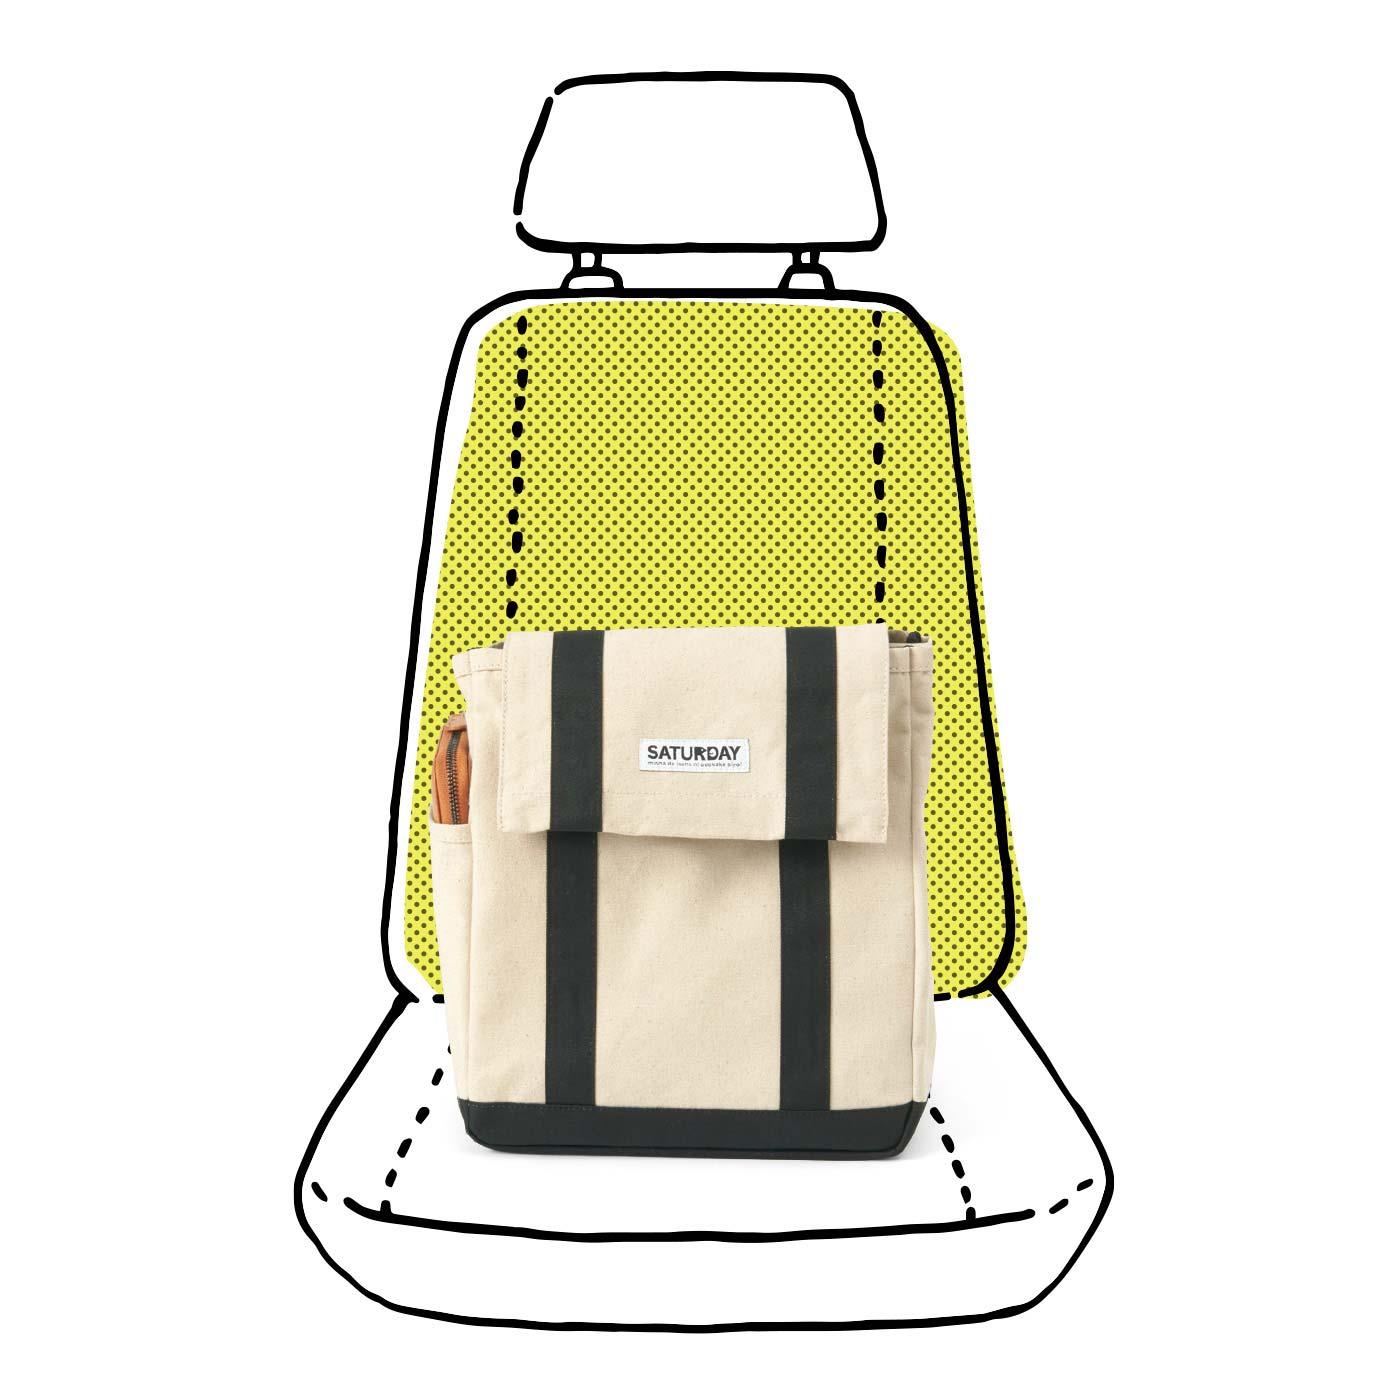 助手席にポン! 自立するから、座面にバッグを置いたまま中身が取り出しやすくて便利♪